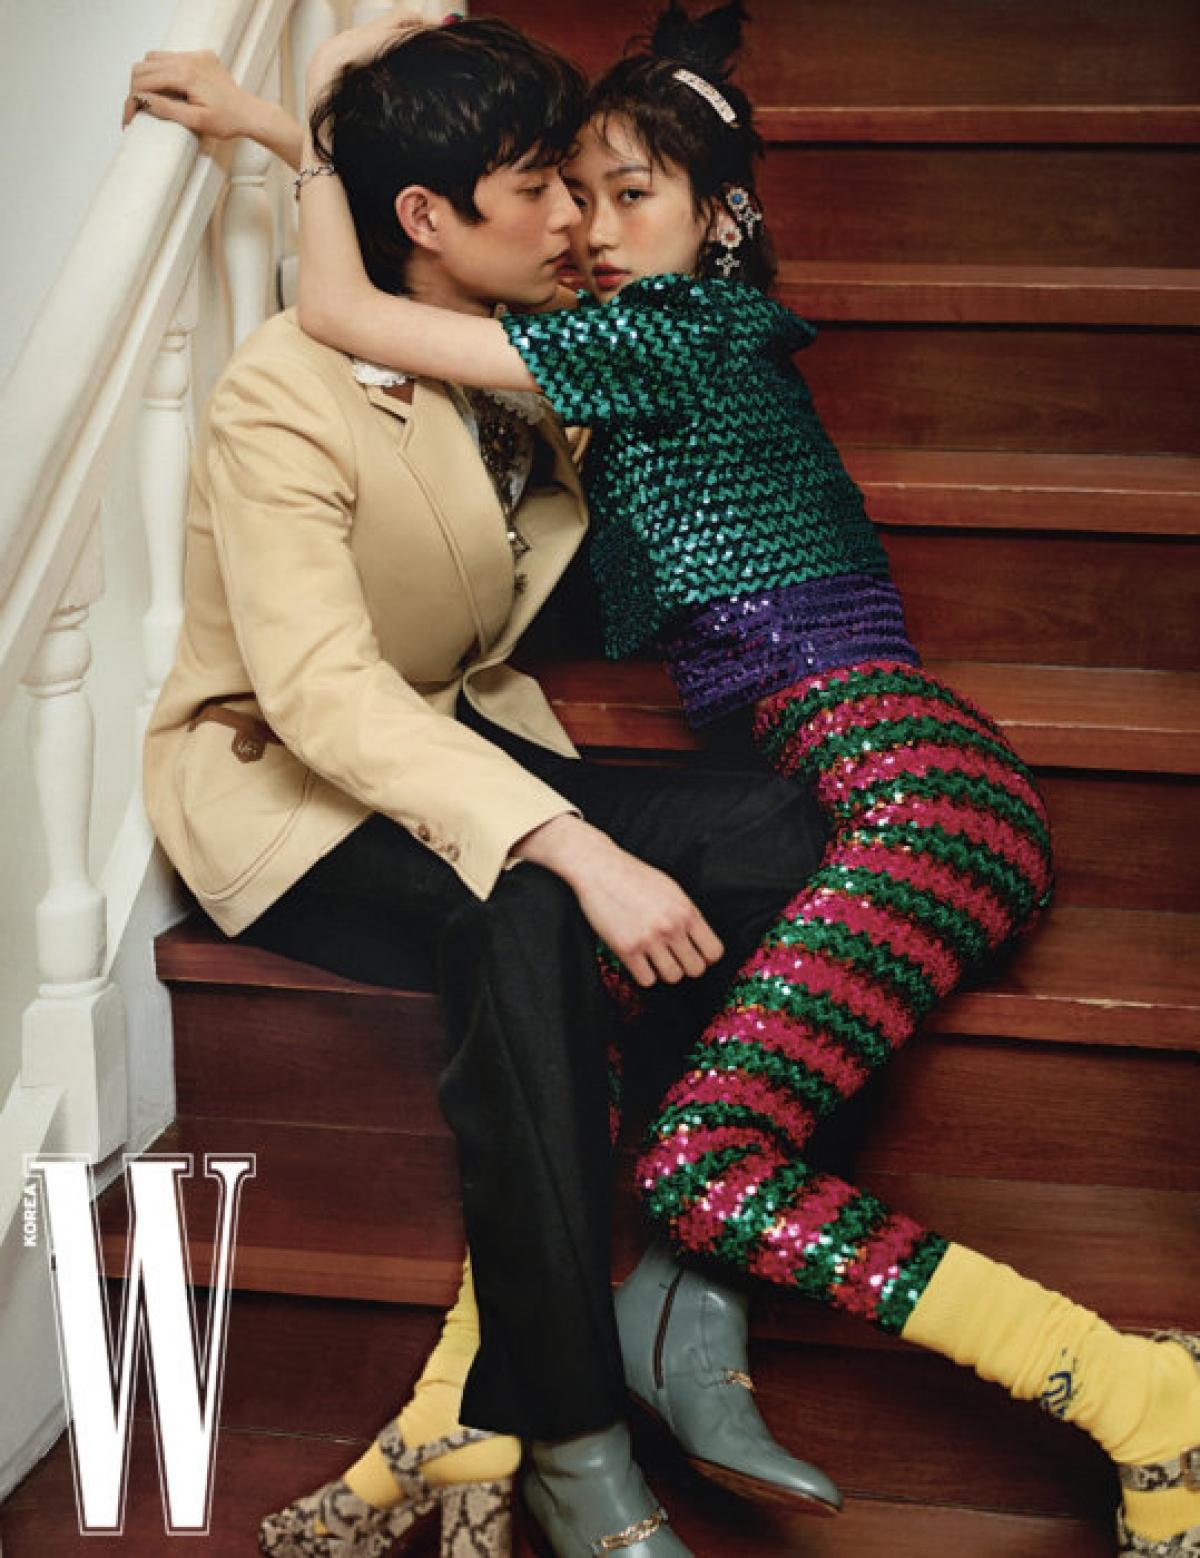 Sở hữu ngoại hìnhnổi trội, chiều cao chuẩn cùng thần thái ấn tượng, bộ đôi diễn viên sinh năm 1996 thể hiện khả năng tạo dáng, tương tác ăn ý trong những thiết kế mới nhất của Gucci.